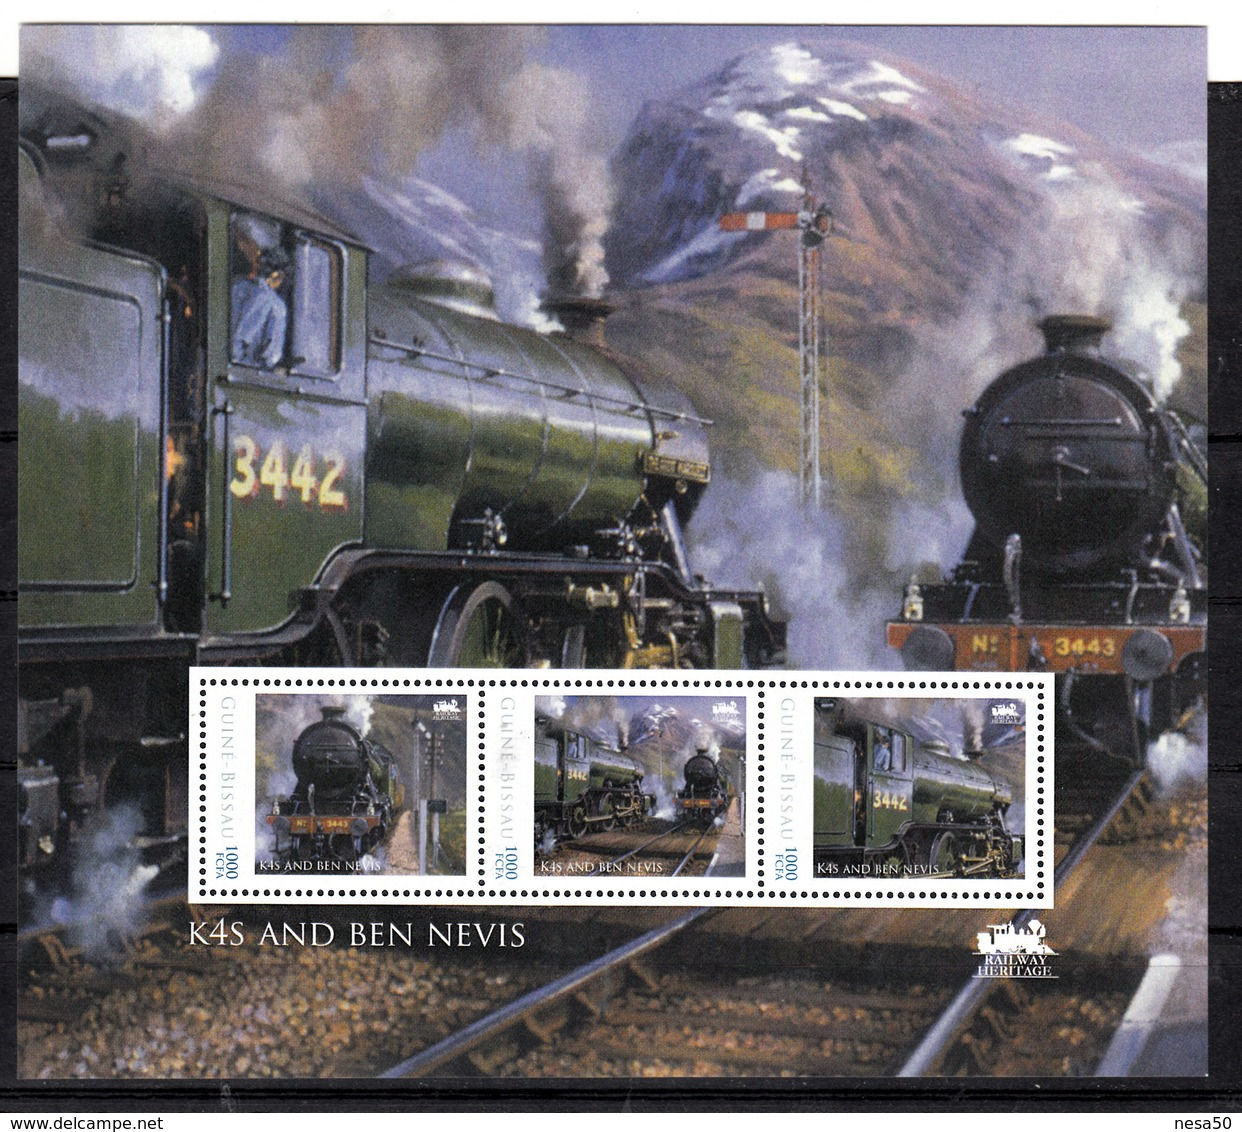 Trein, Train, Locomotive, Eisenbahn : Railway Heritage: Guinee Bissau, K4S And Ben Nevis - Treinen